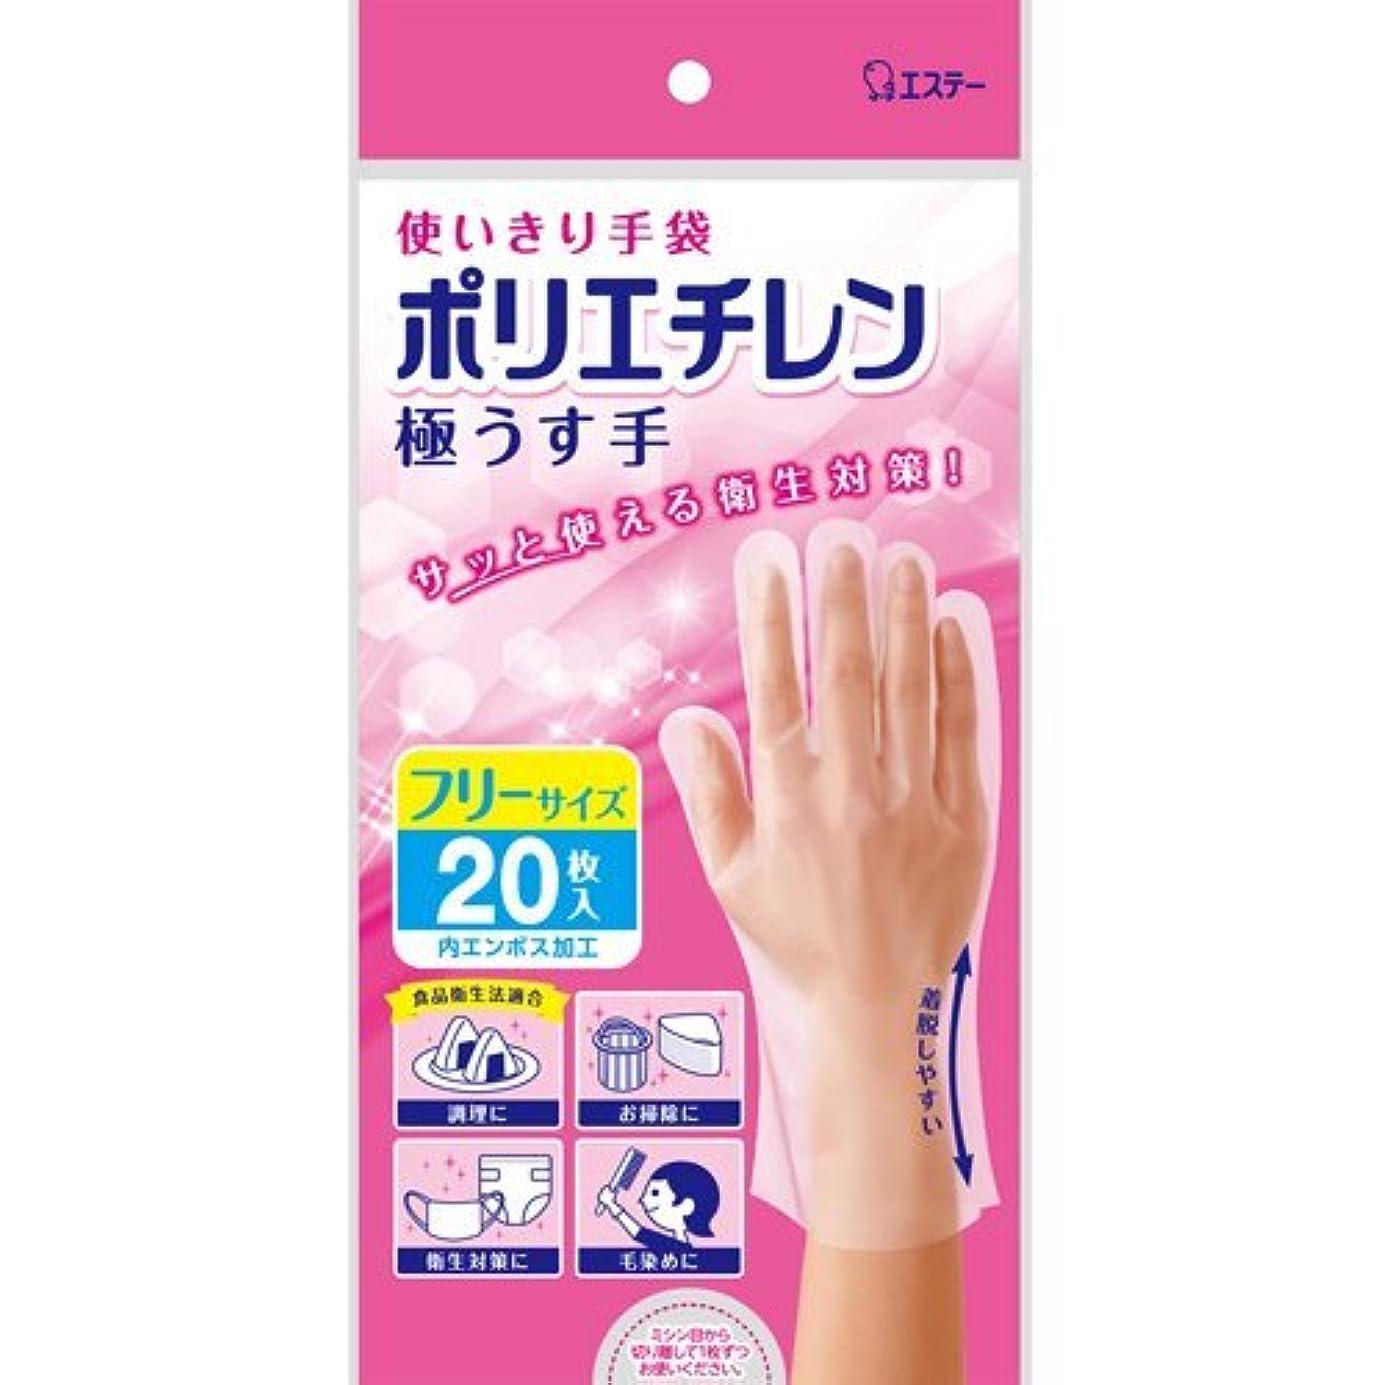 過ちトーナメント共感する使いきり手袋 ポリエチレン 極うす手 半透明 フリーサイズ 20枚